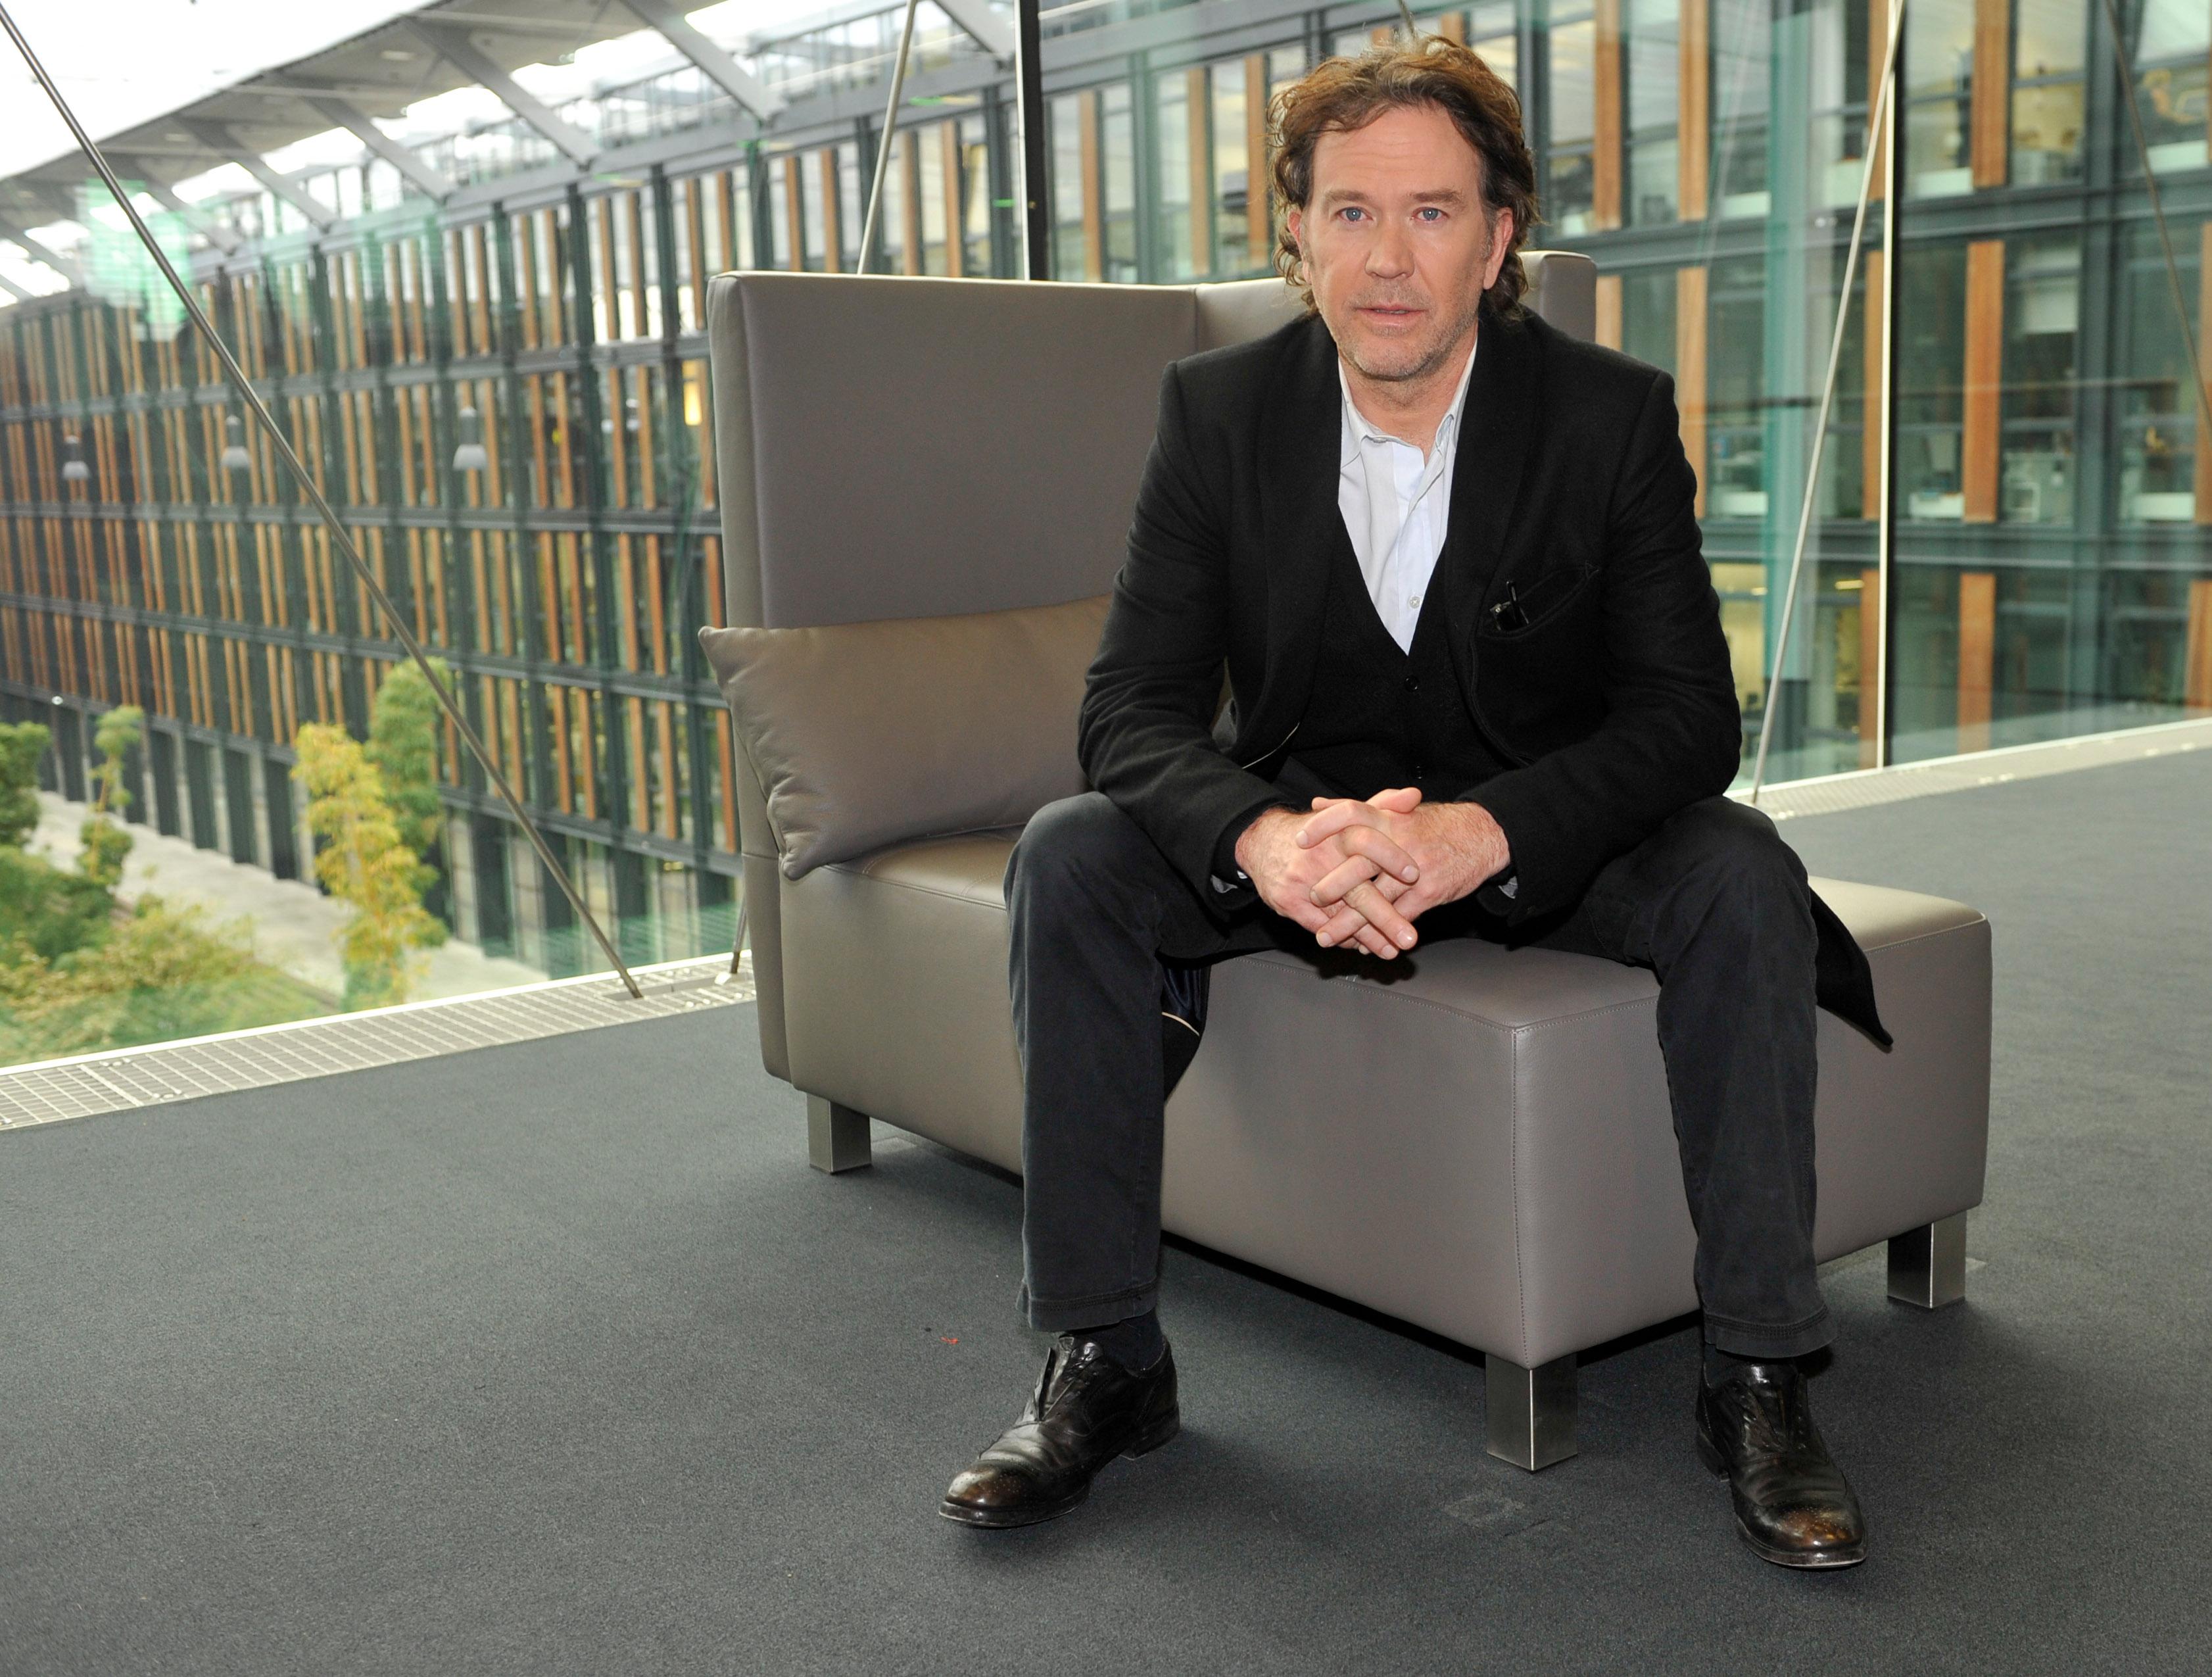 Der US-Schauspieler Timothy Hutton stellt am Donnerstag (10.11.2011) in Köln die Fernsehserie 'Leverage' vor. In der Serie,